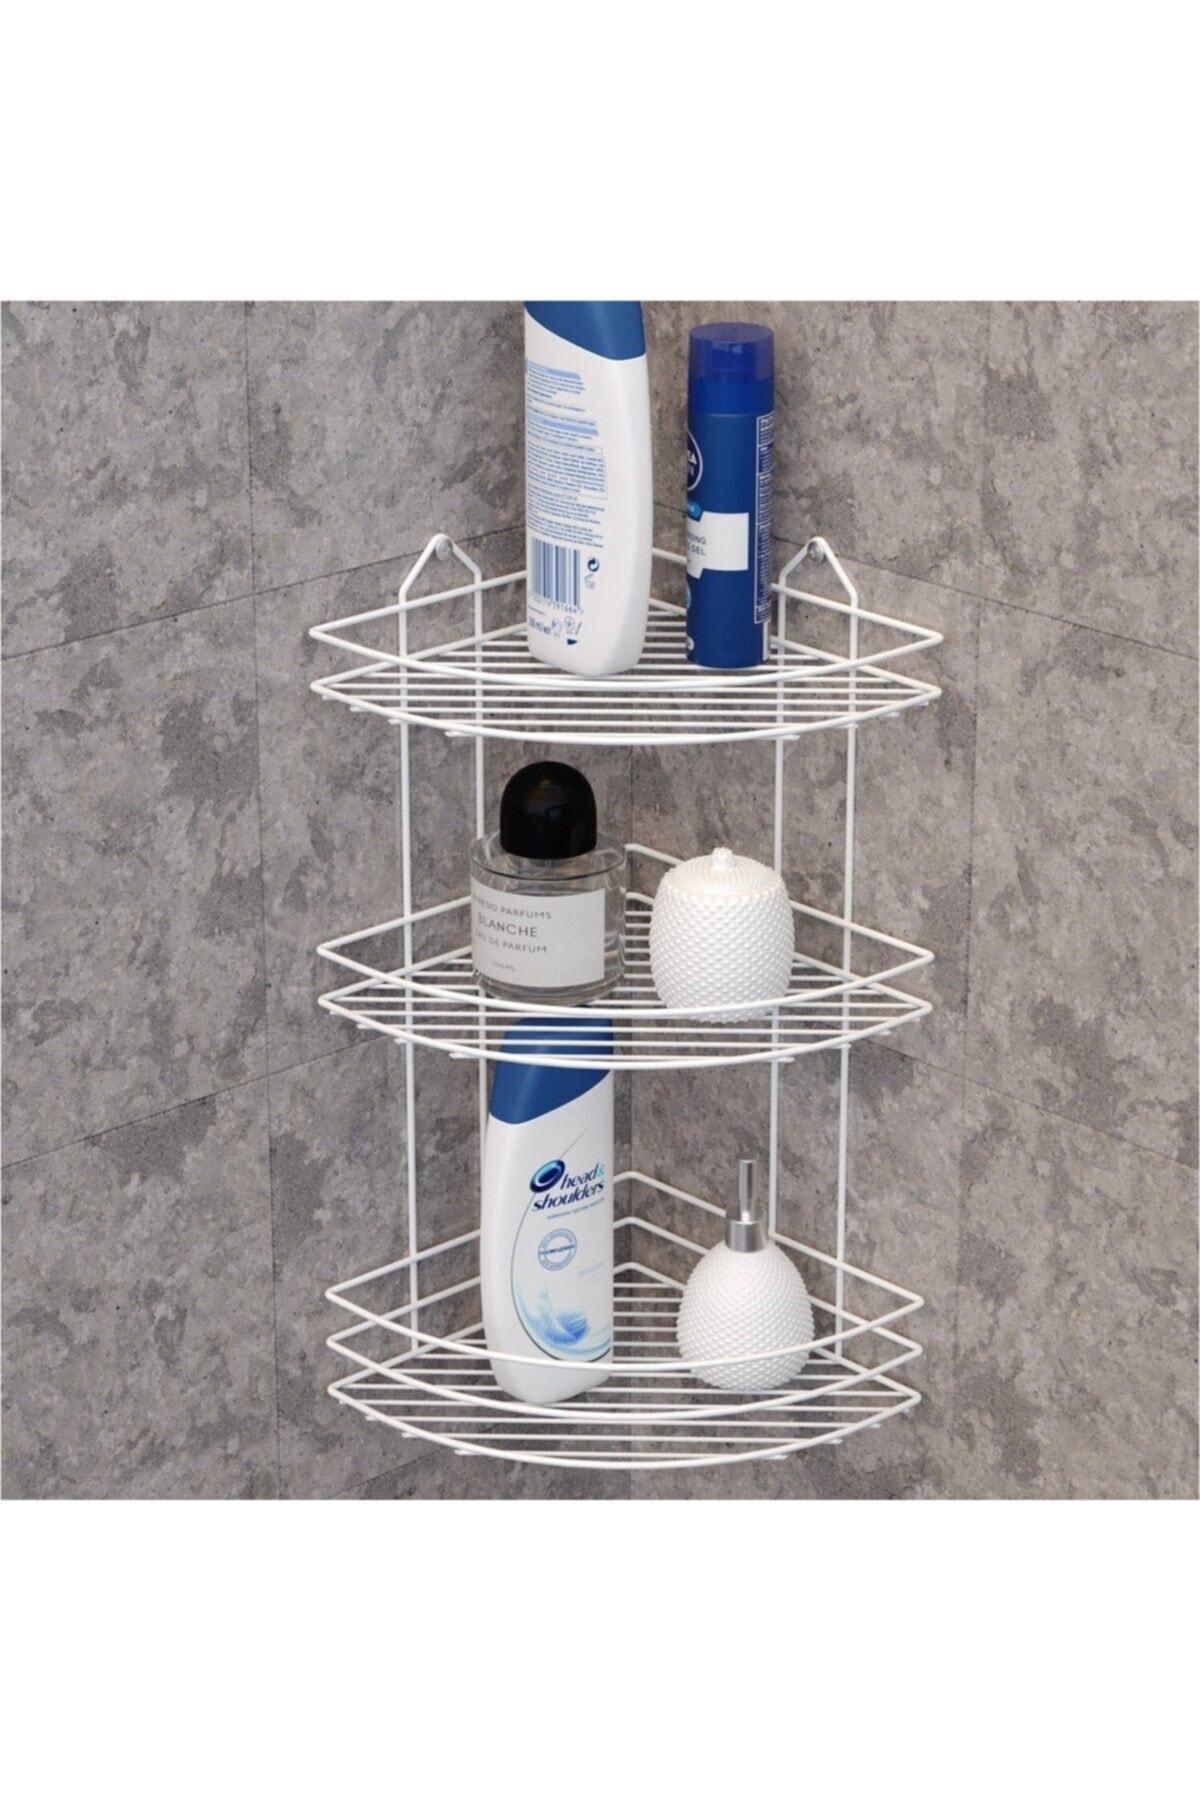 Ömür Boyu Paslanmaz 3 Katlı Köşe Süngerlik Duş Rafı Sabunluk Şampuanlık Lif Askısı Beyaz Ek-03